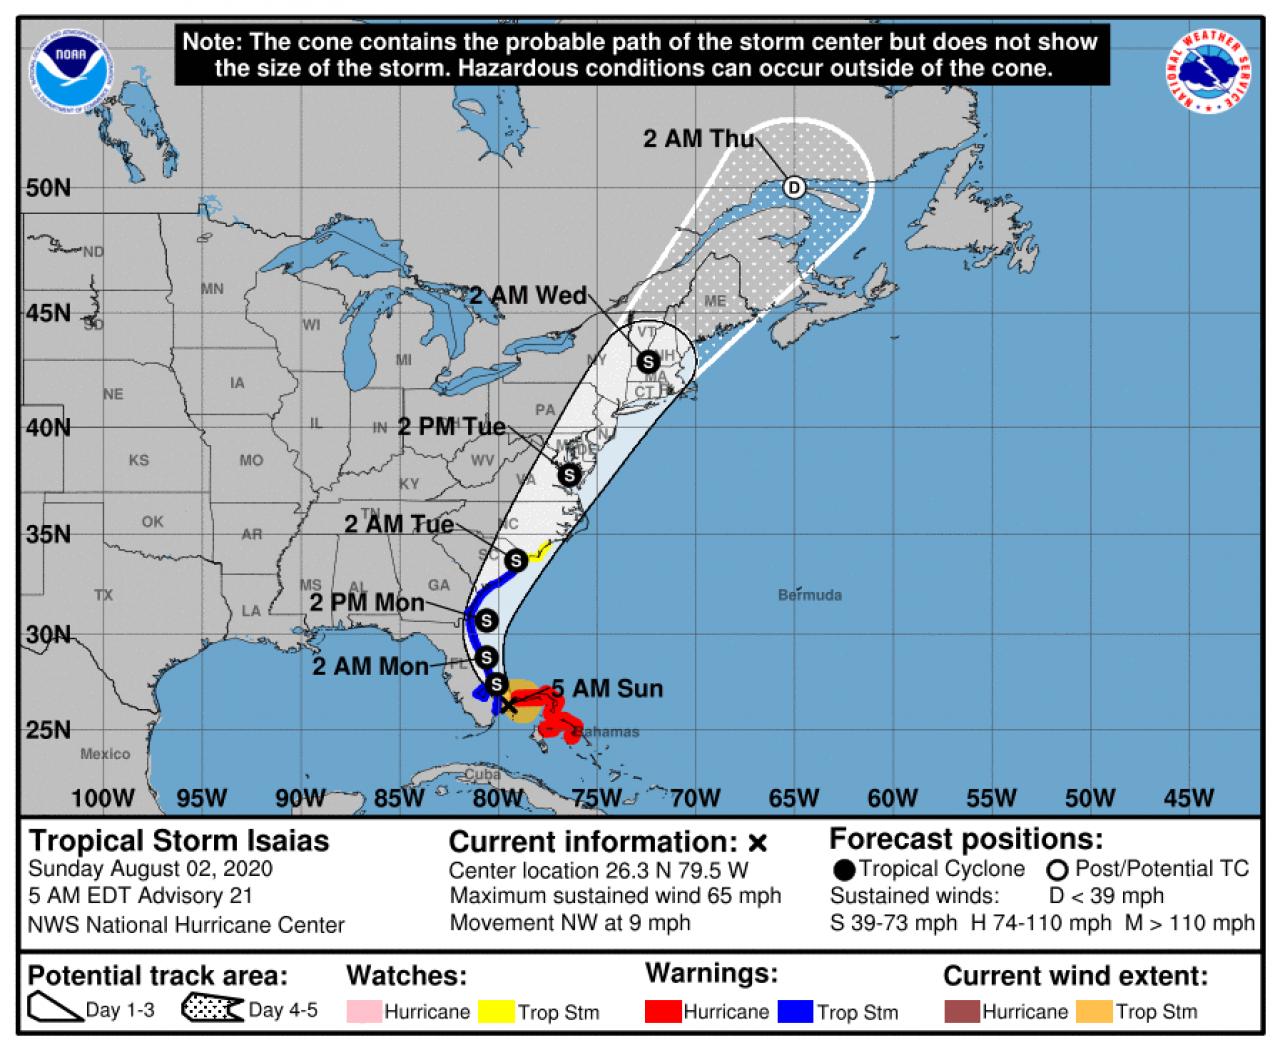 La rotta prevista di Isaias (Fonte: National Hurricane Center)